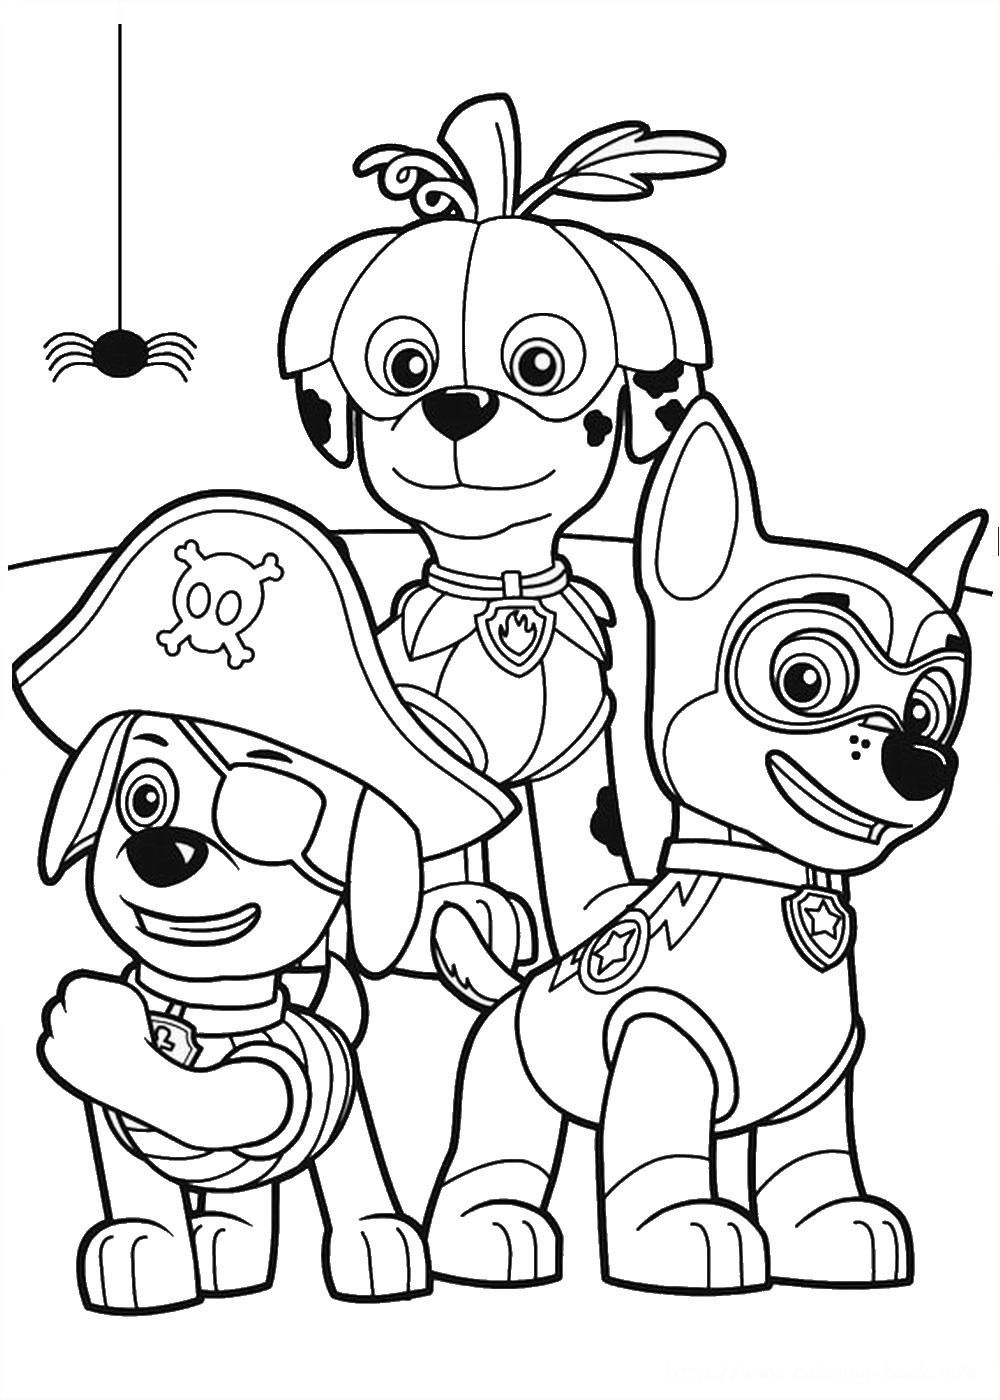 Раскраски распечатать бесплатно для детей свинка пеппа